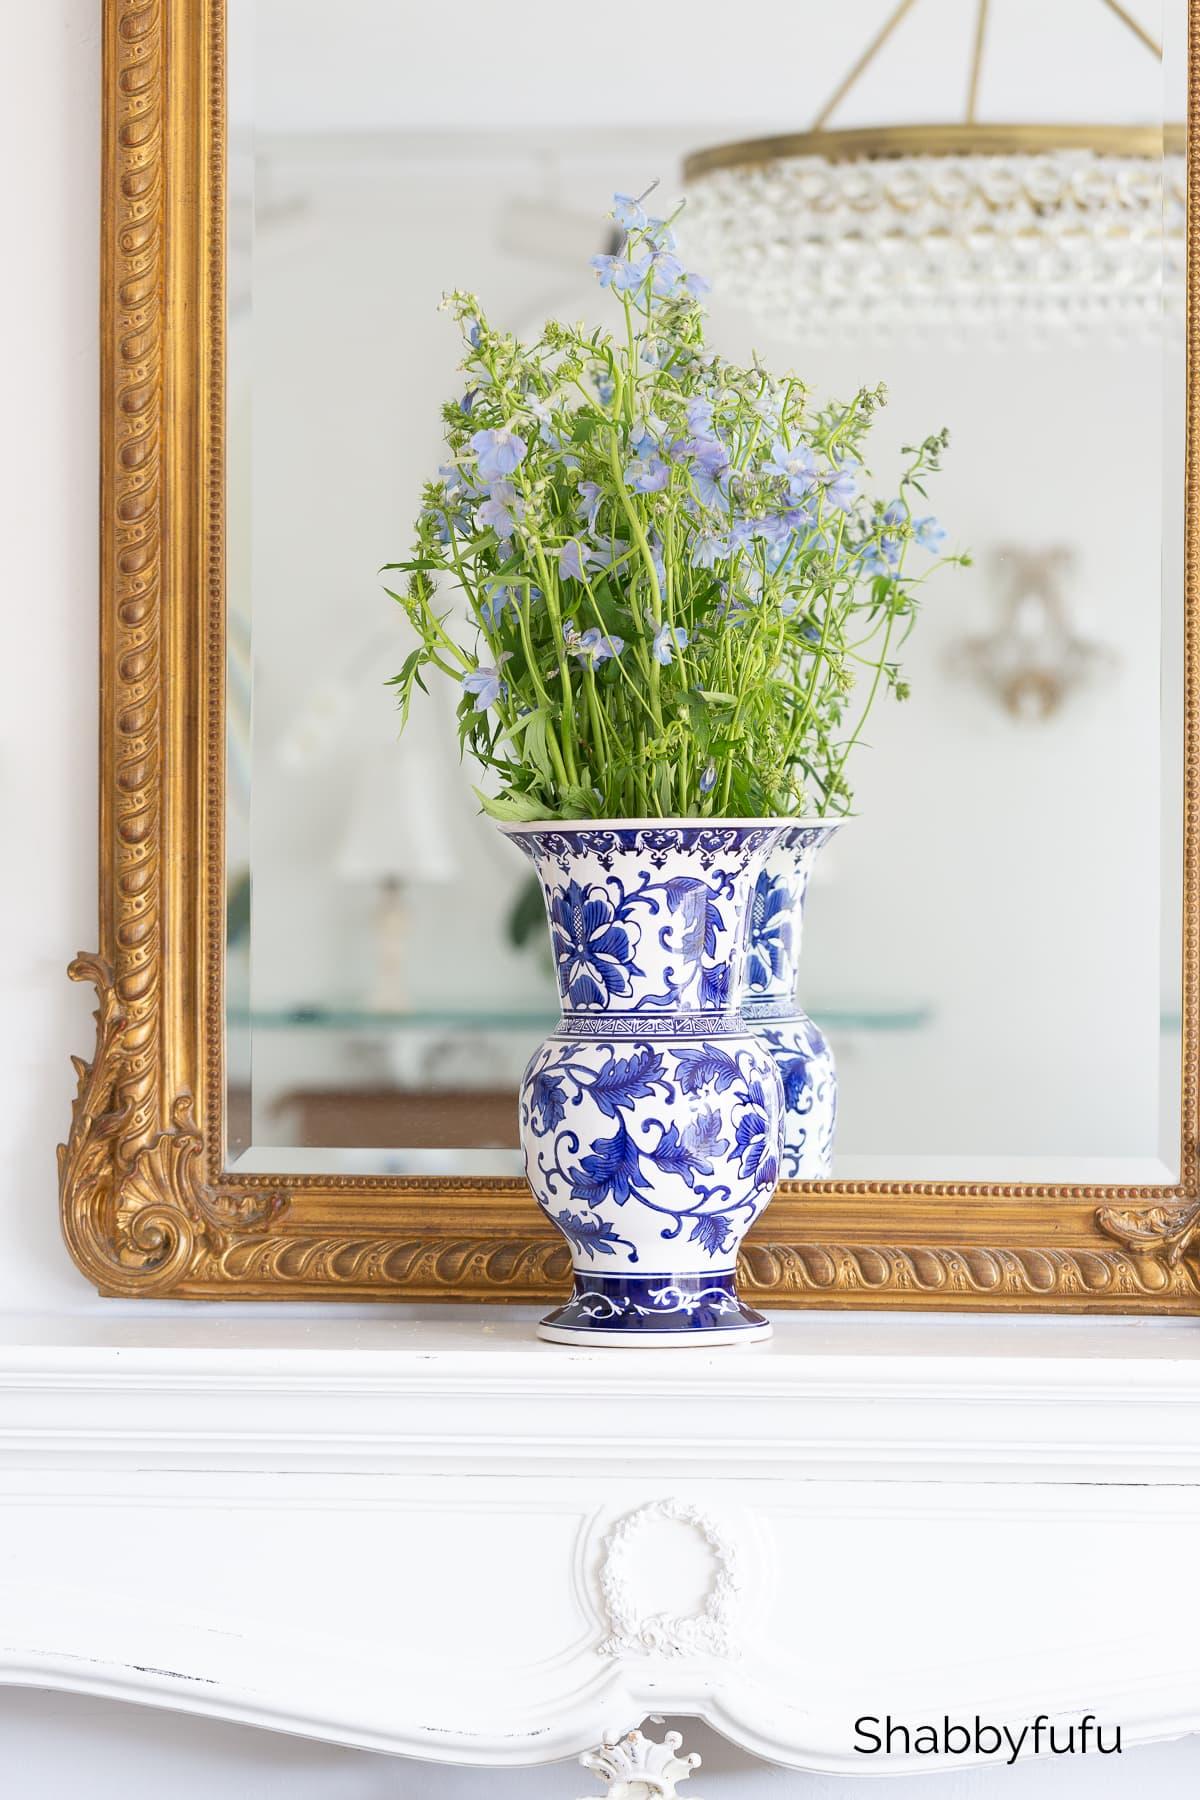 chinoiserie vase with delphinium